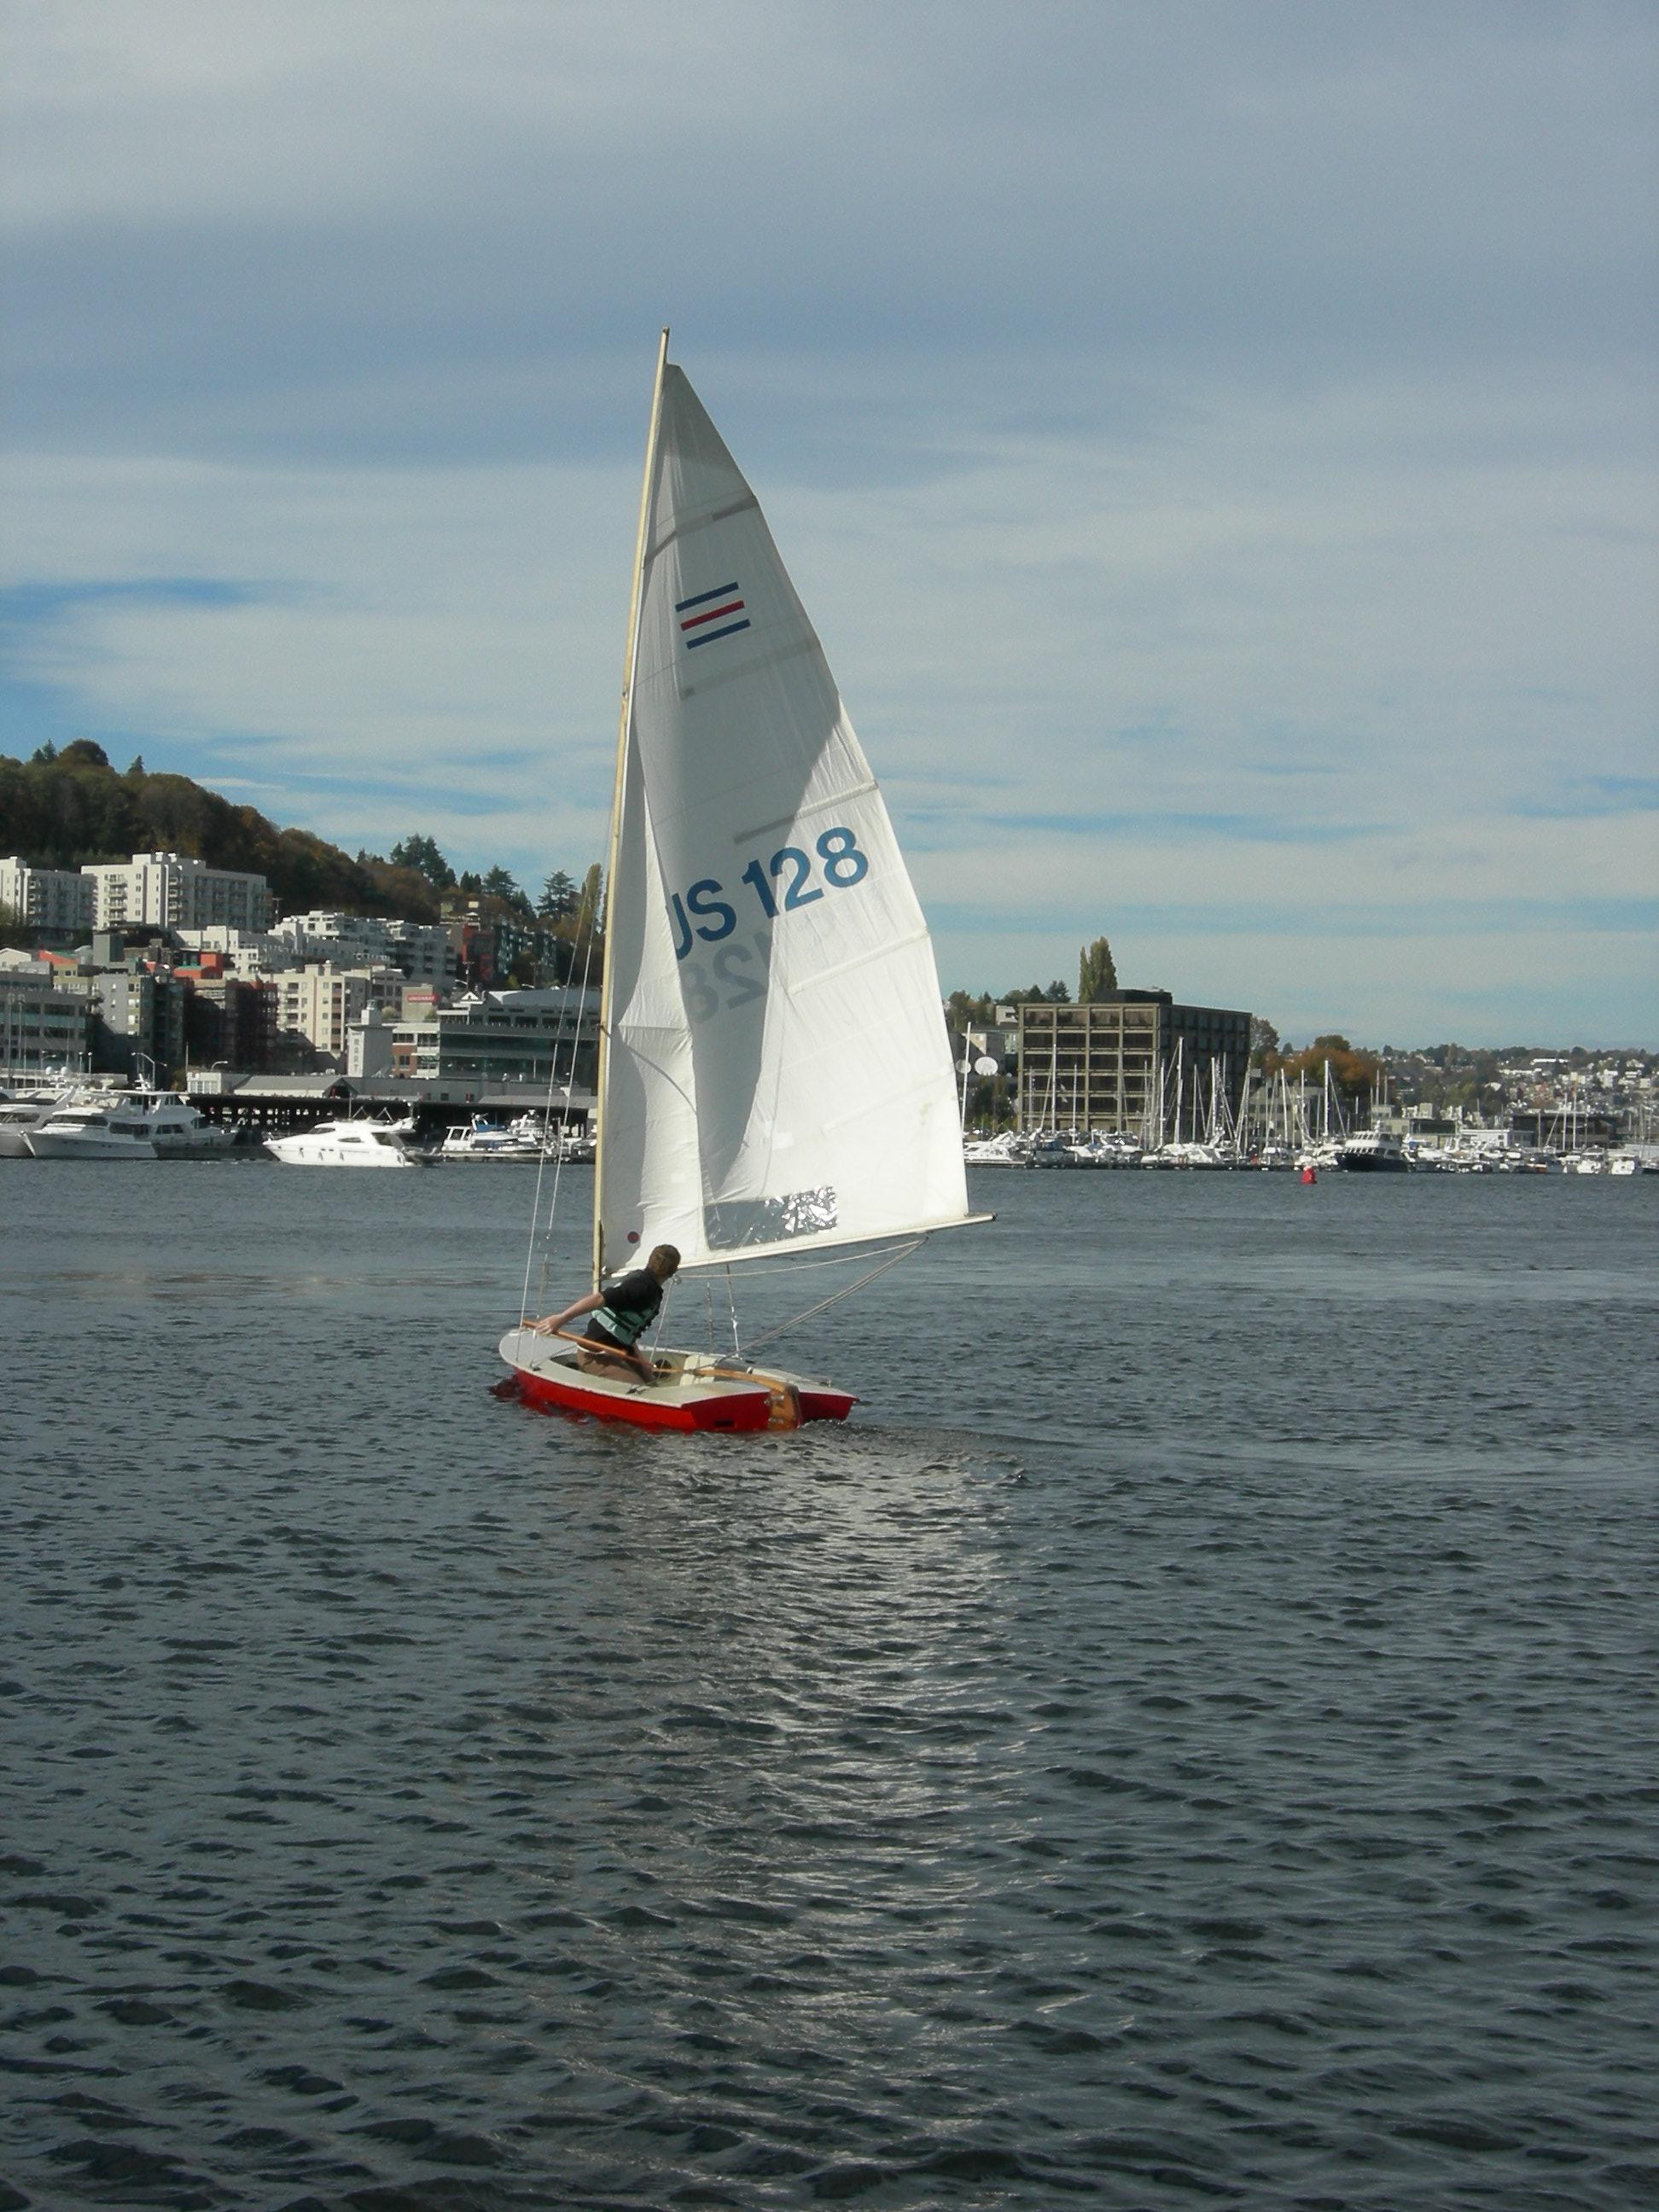 File:Small sailboat on Lake Union 03 jpg - Wikimedia Commons